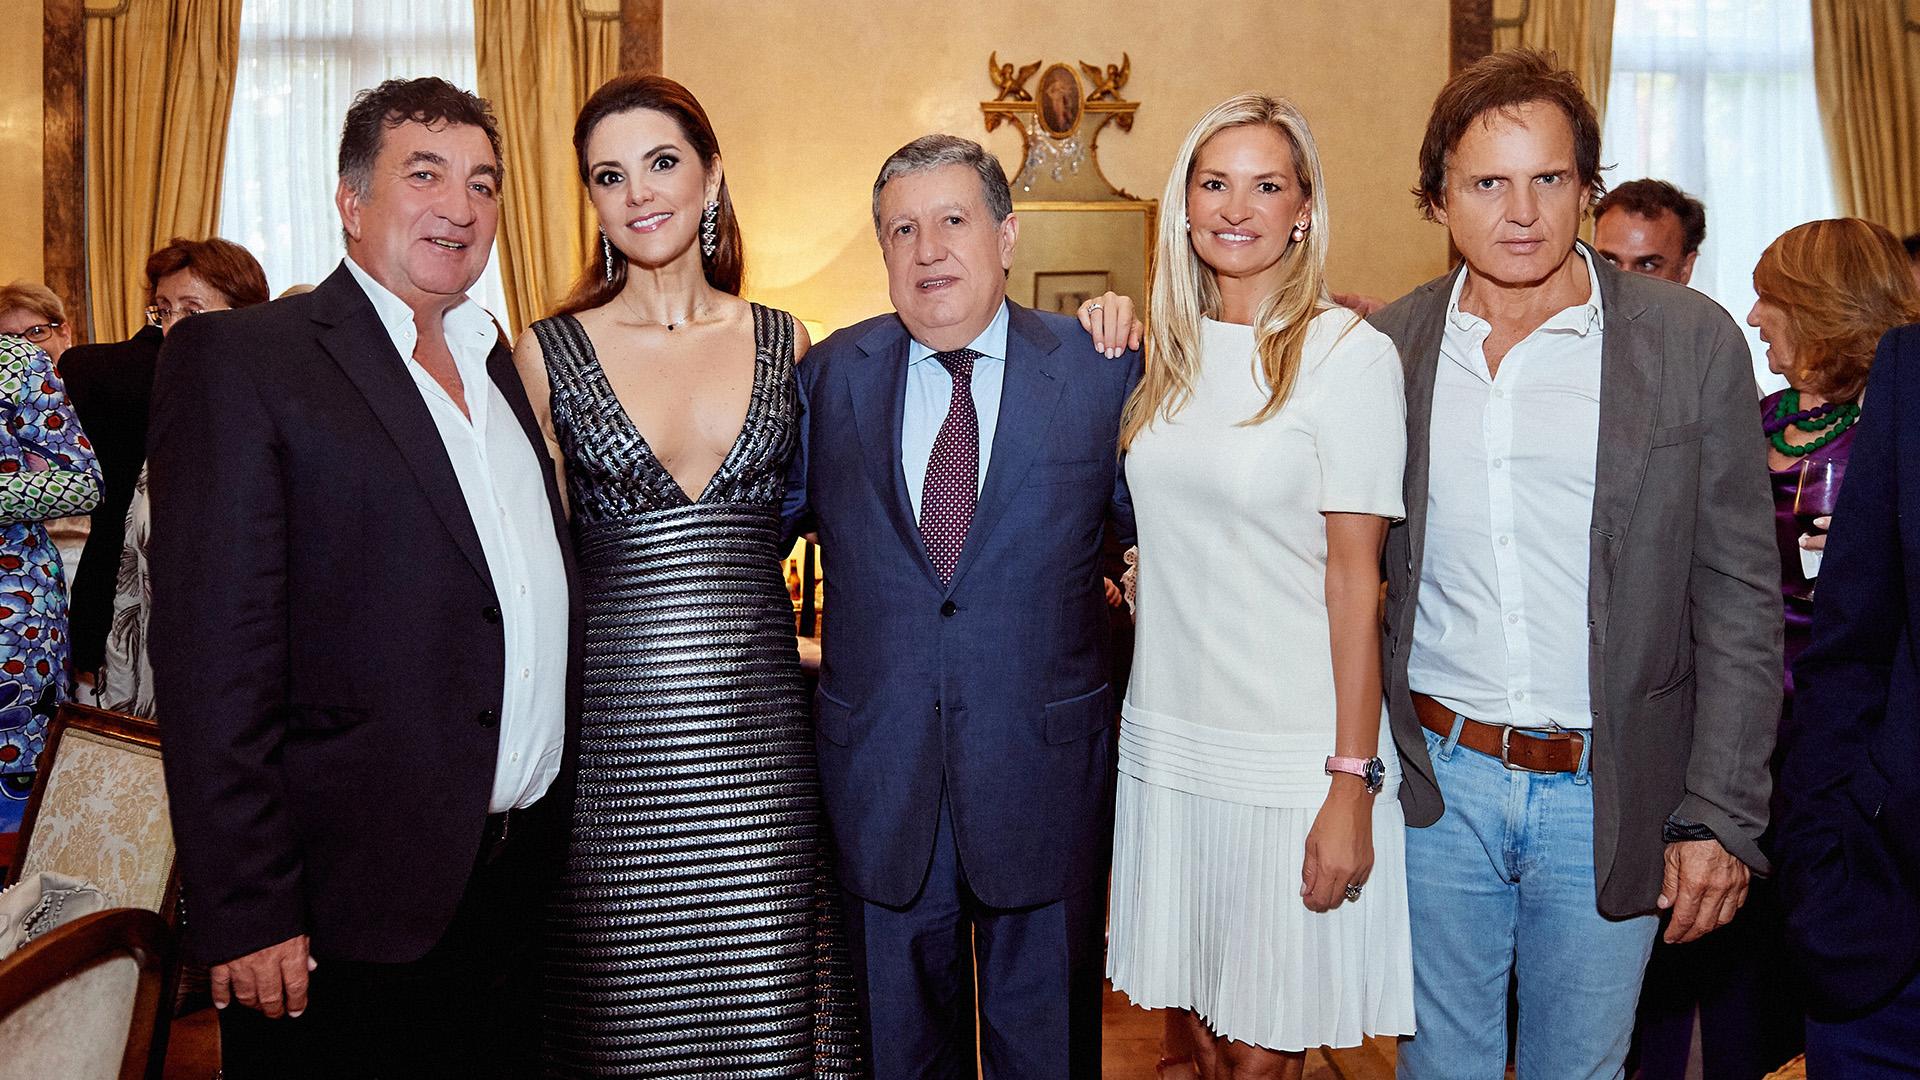 El empresario Gustavo Mascardi, la soprano Virginia Tola, el embajador Ramón Puerta, la empresaria Lily Sciorra, y el productor Patricio Rabuffetti.